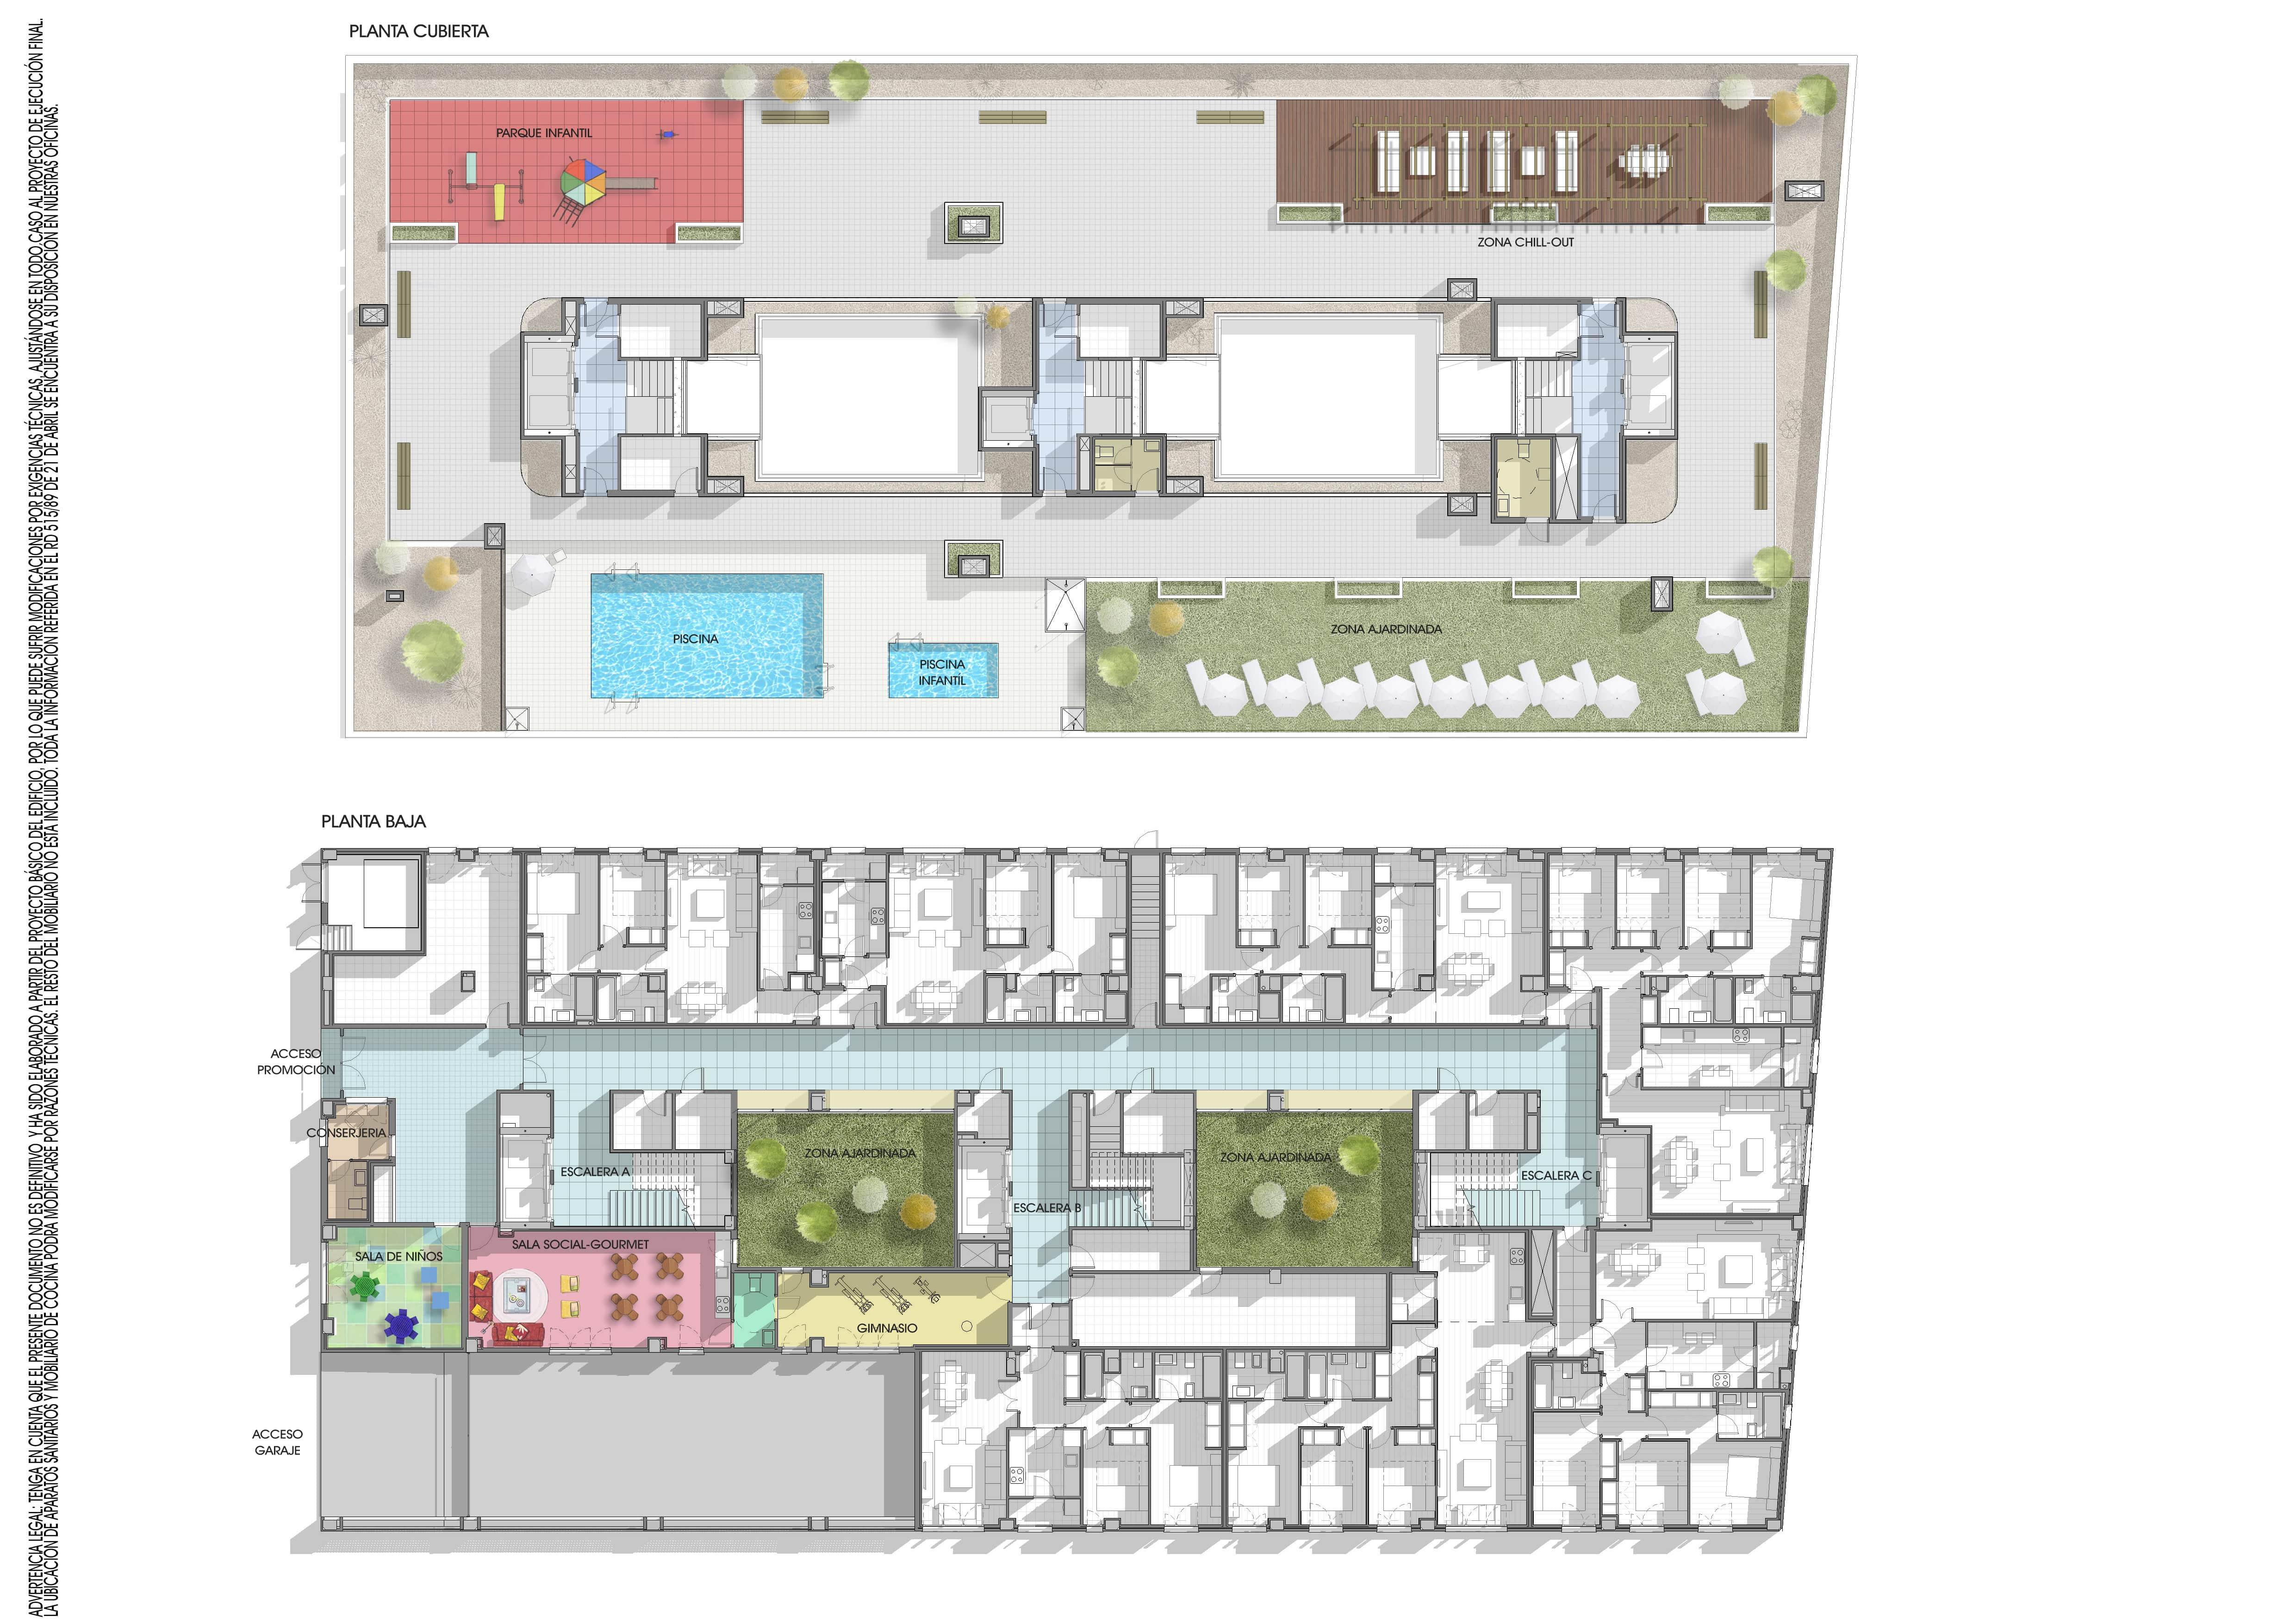 Promoci n mostoles pisos obra nueva en m stoles for Horario oficinas caja duero